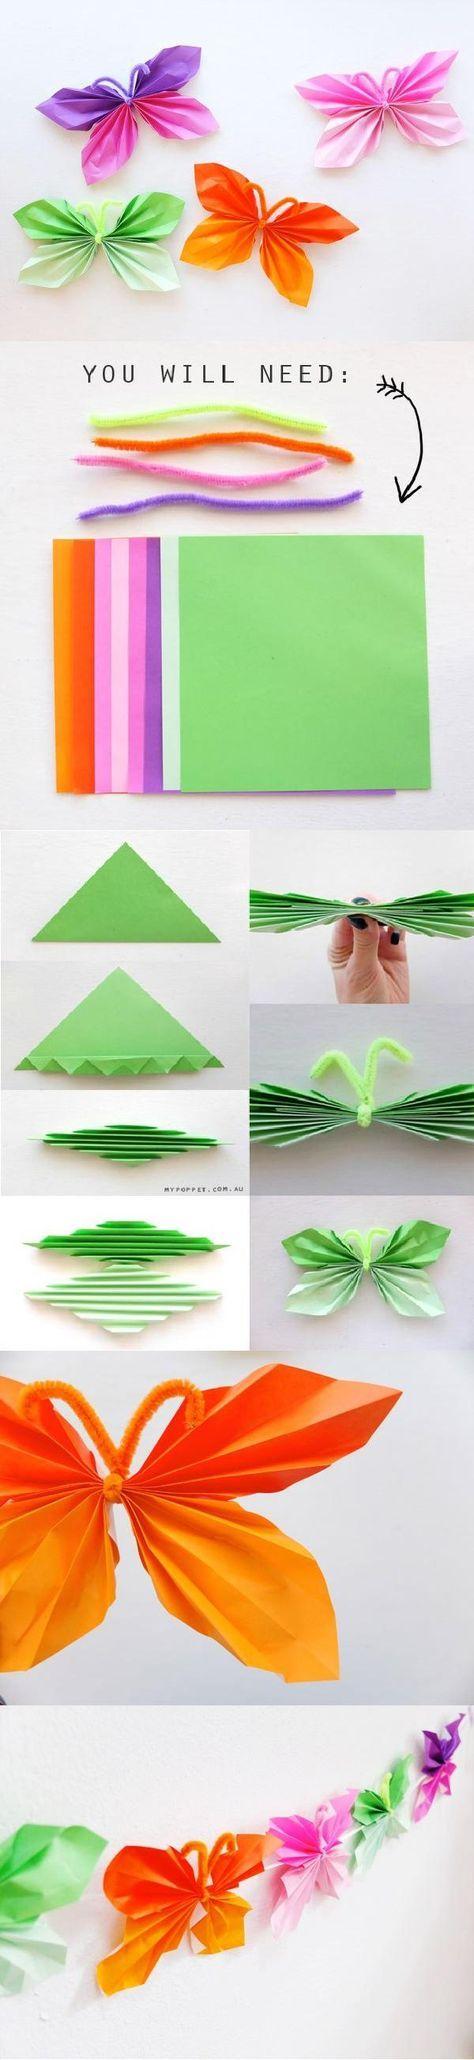 Schmückt den Frühlingstisch: Selbstgemachte Schmetterlinge aus Papier #diy